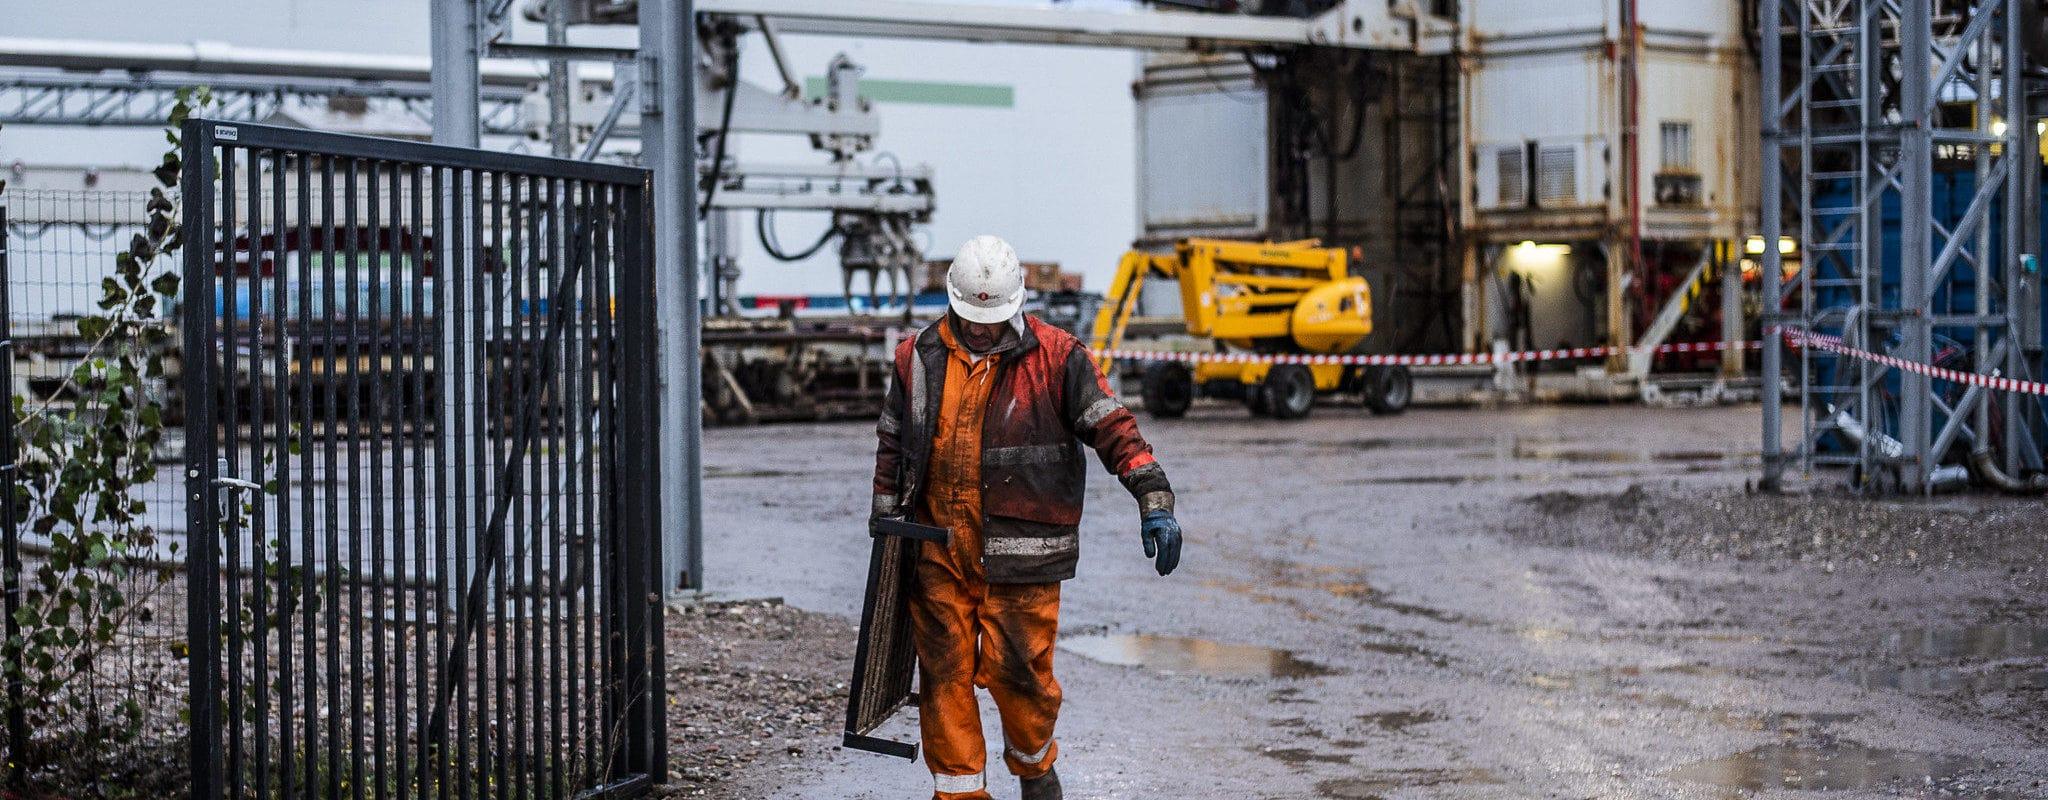 La géothermie profonde remise en cause à Strasbourg après plusieurs séismes